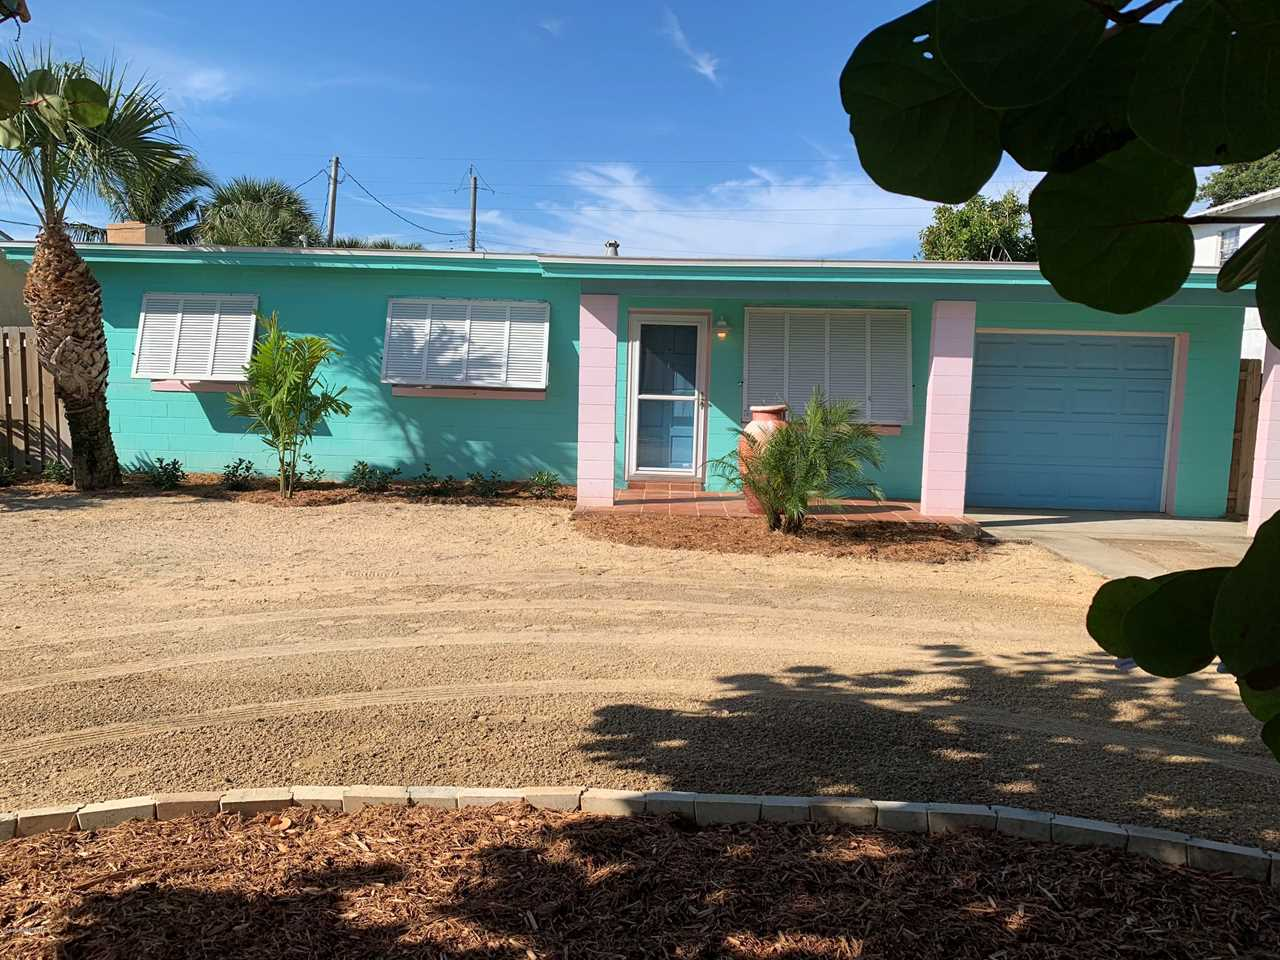 1030 S S Orlando Avenue Cocoa Beach, FL 32931 | MLS 832930 Photo 1